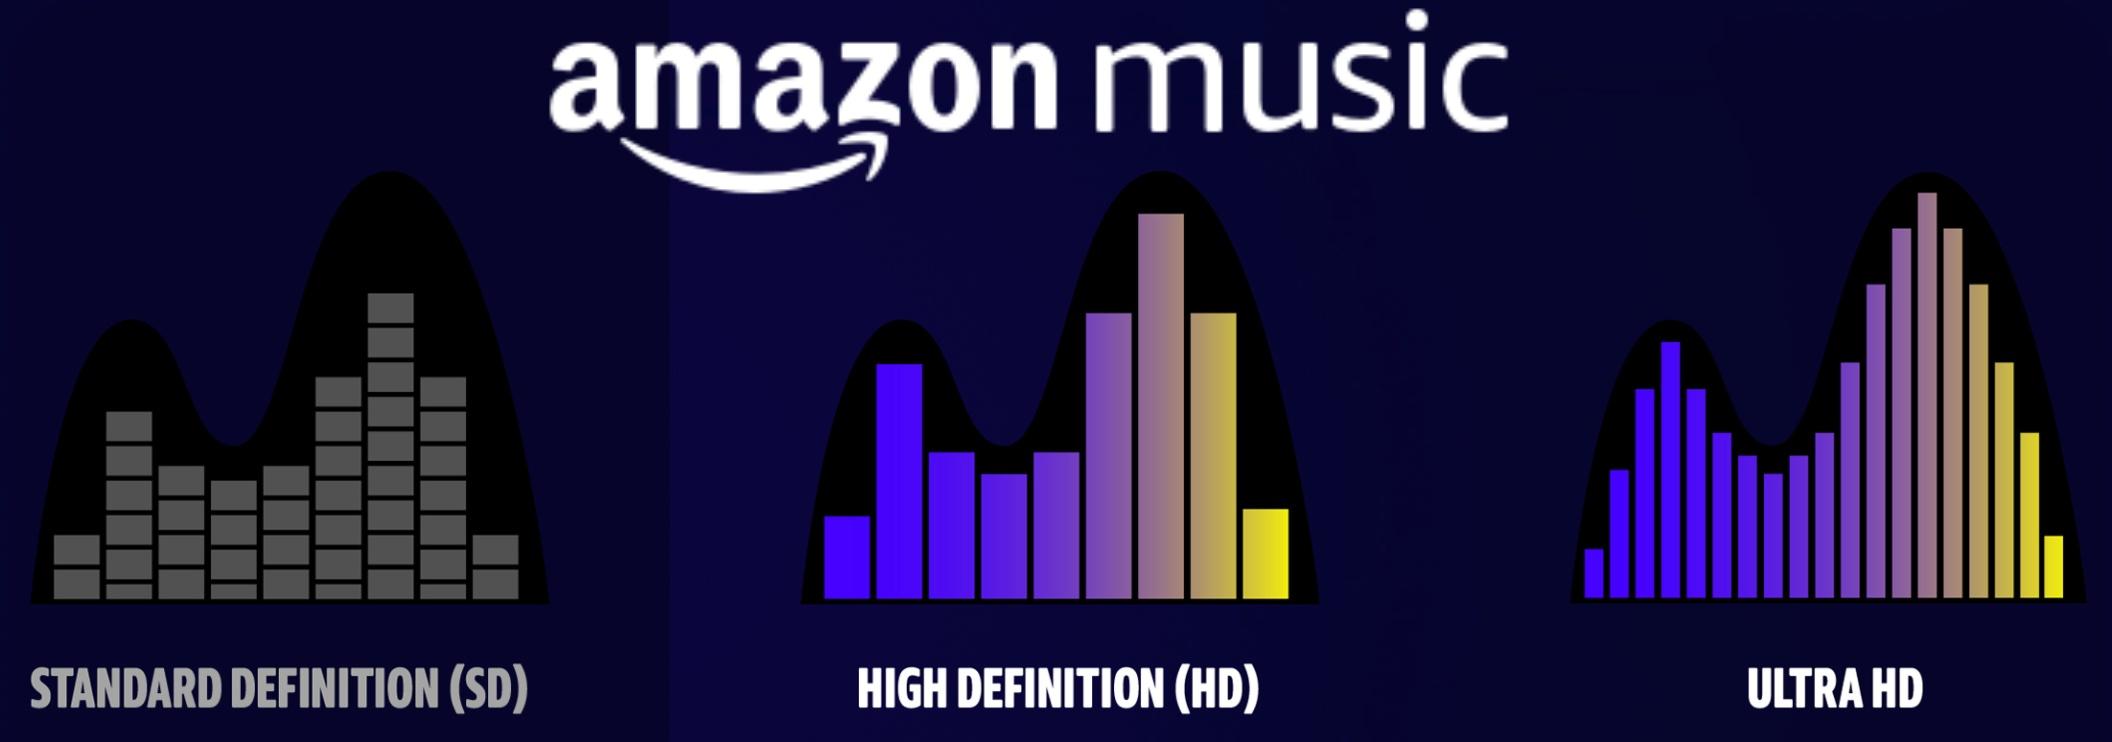 アマゾンプライムミュージックとは